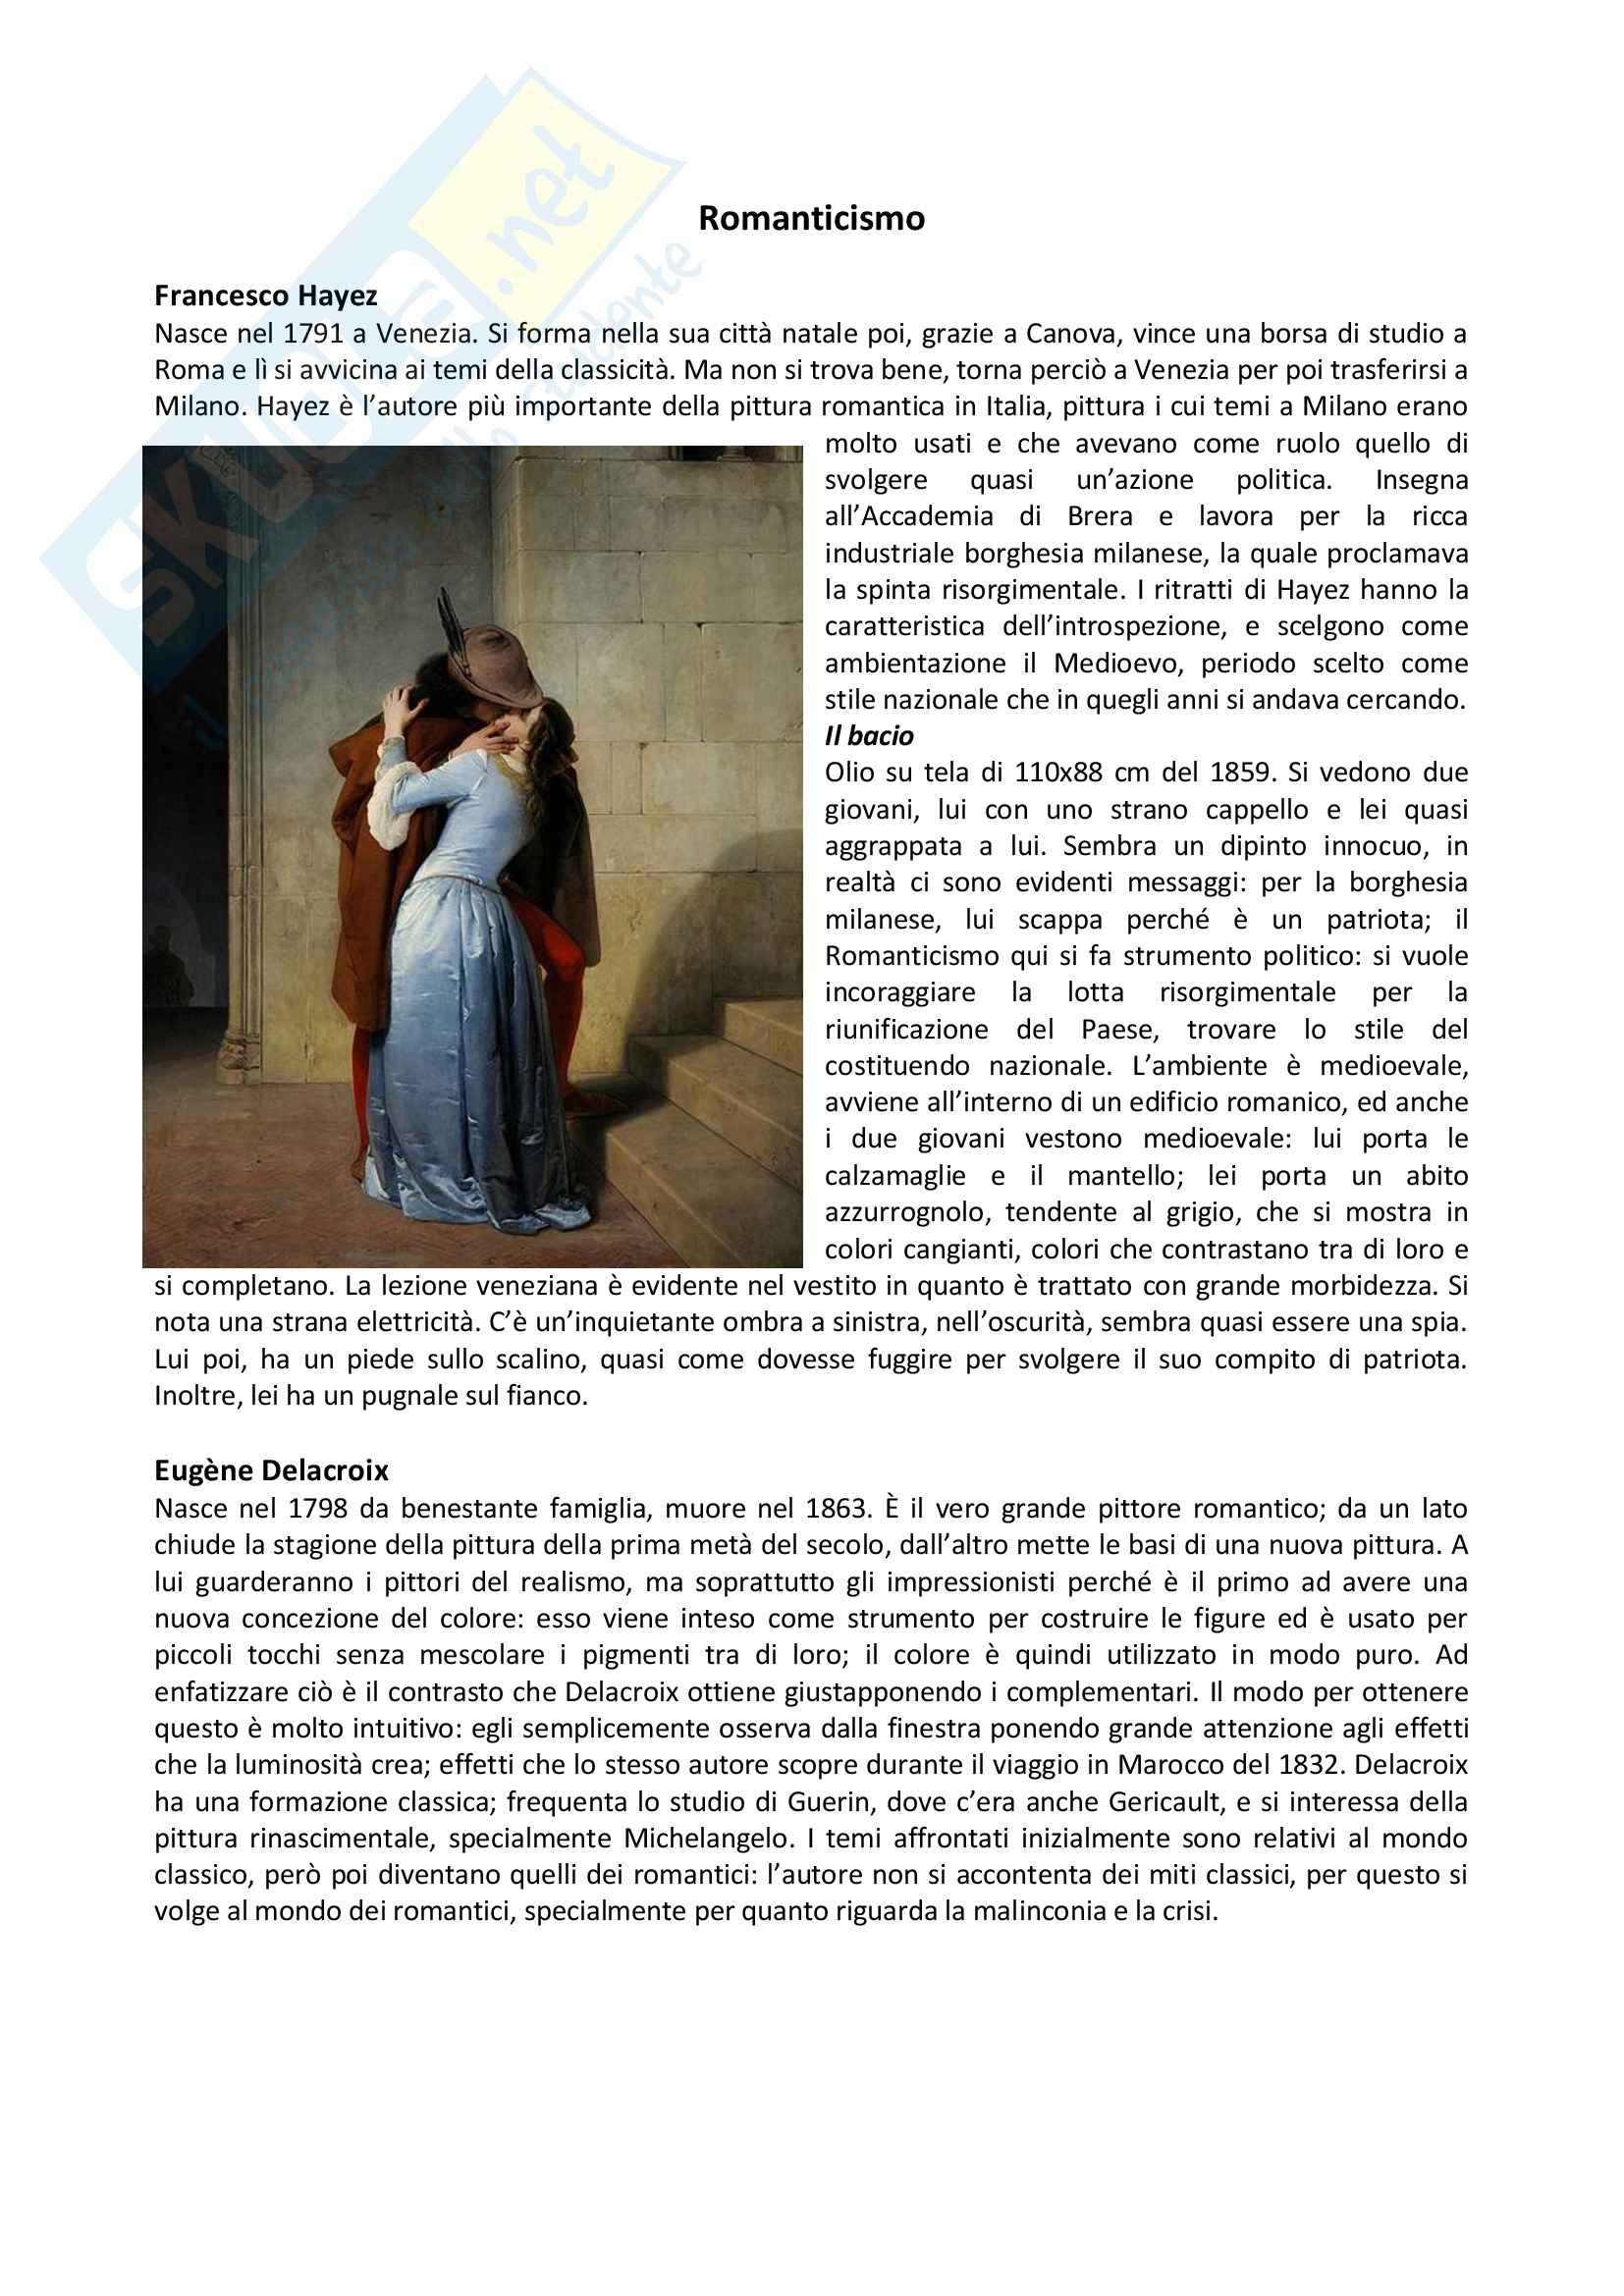 Storia dell'arte contemporanea - il Romanticismo